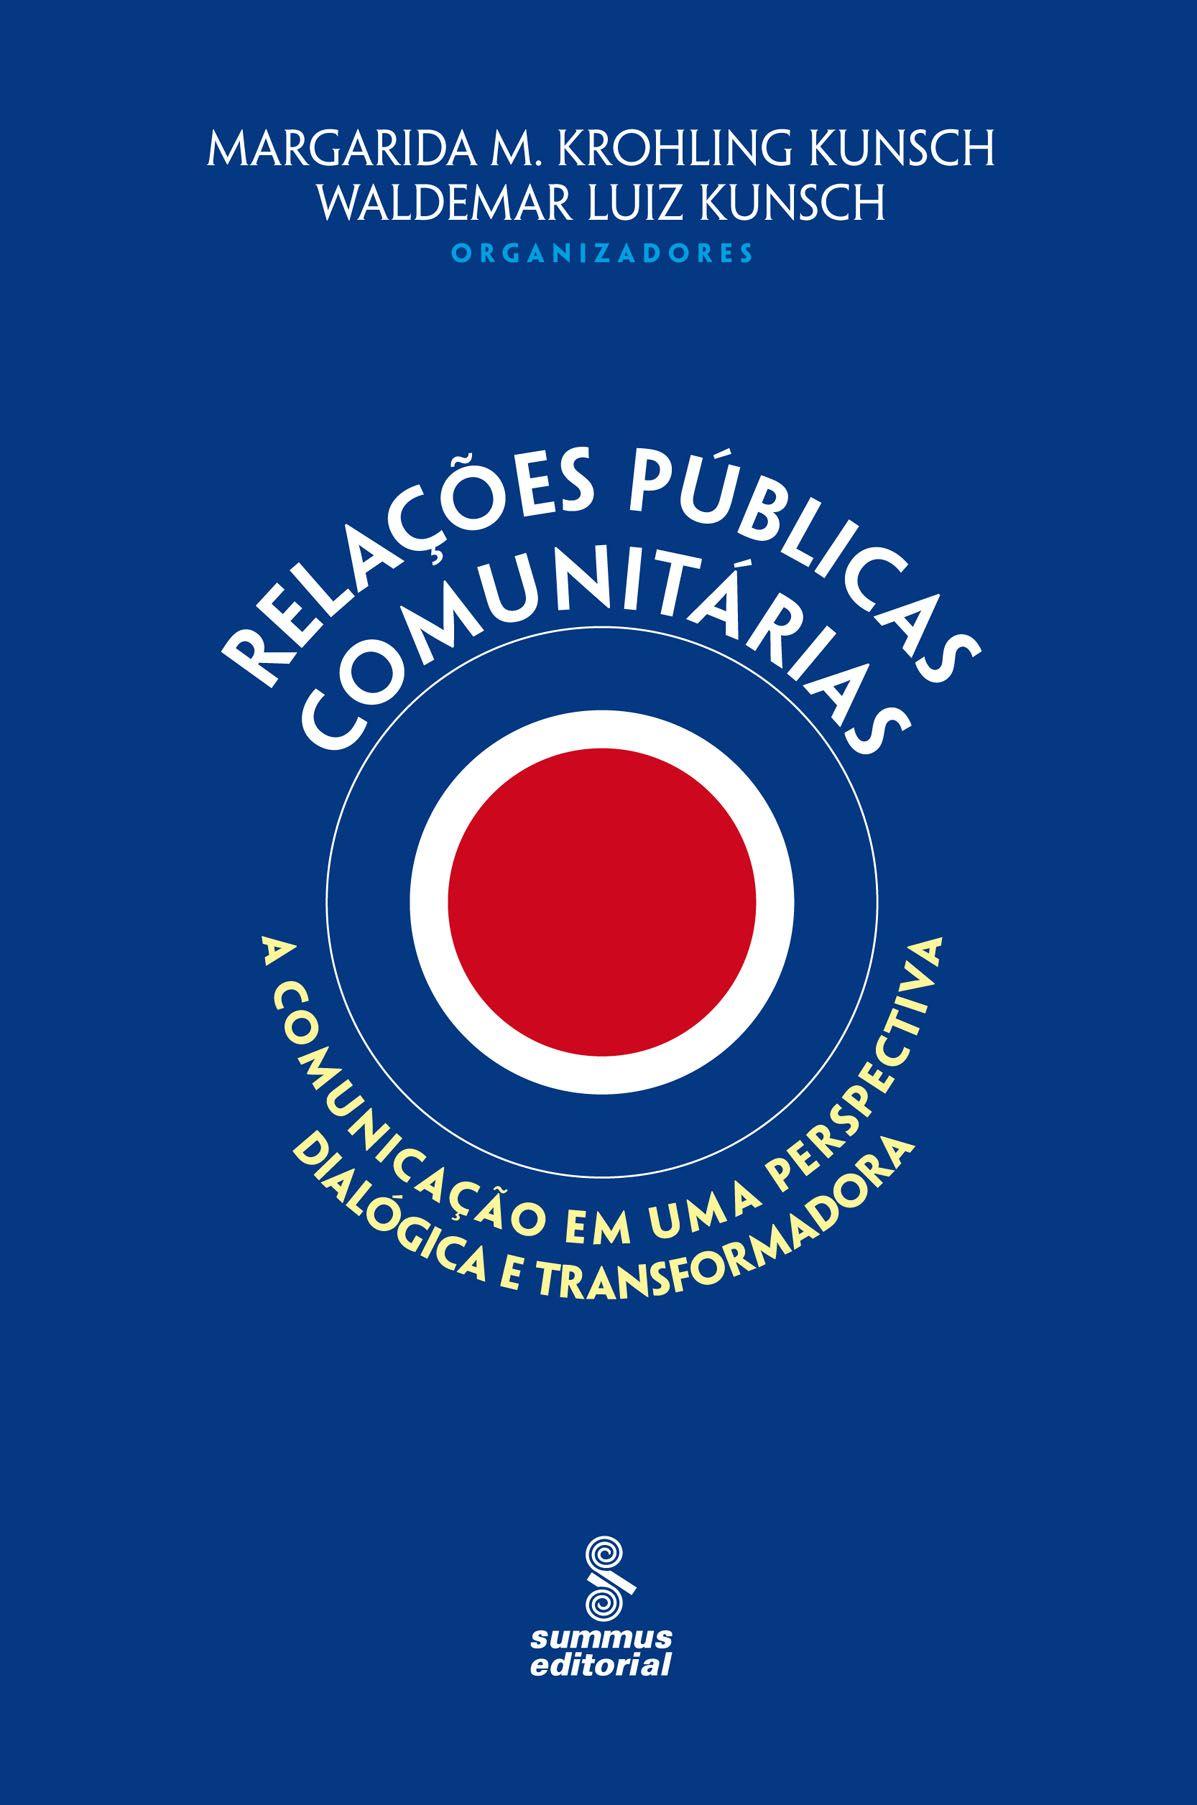 RELACOES PUBLICAS COMUNITARIAS